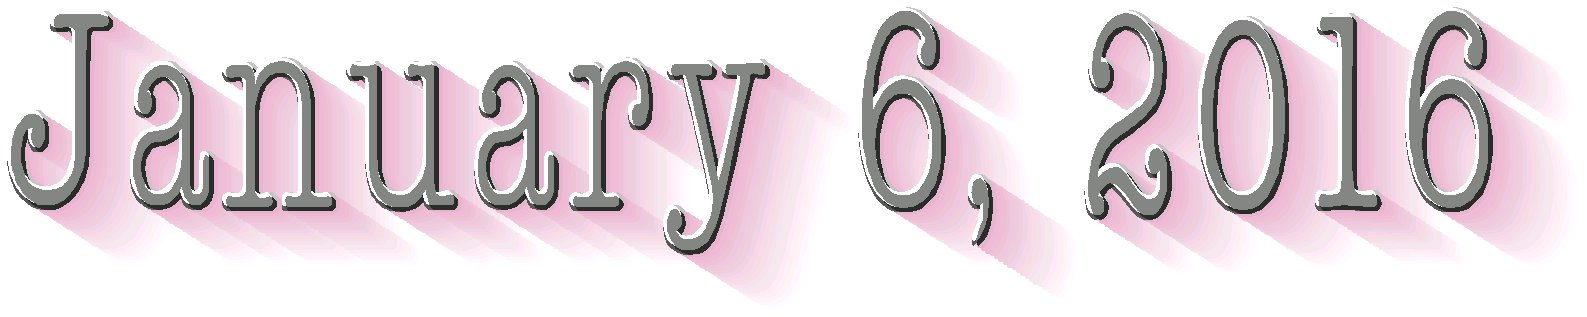 Jan 6_16